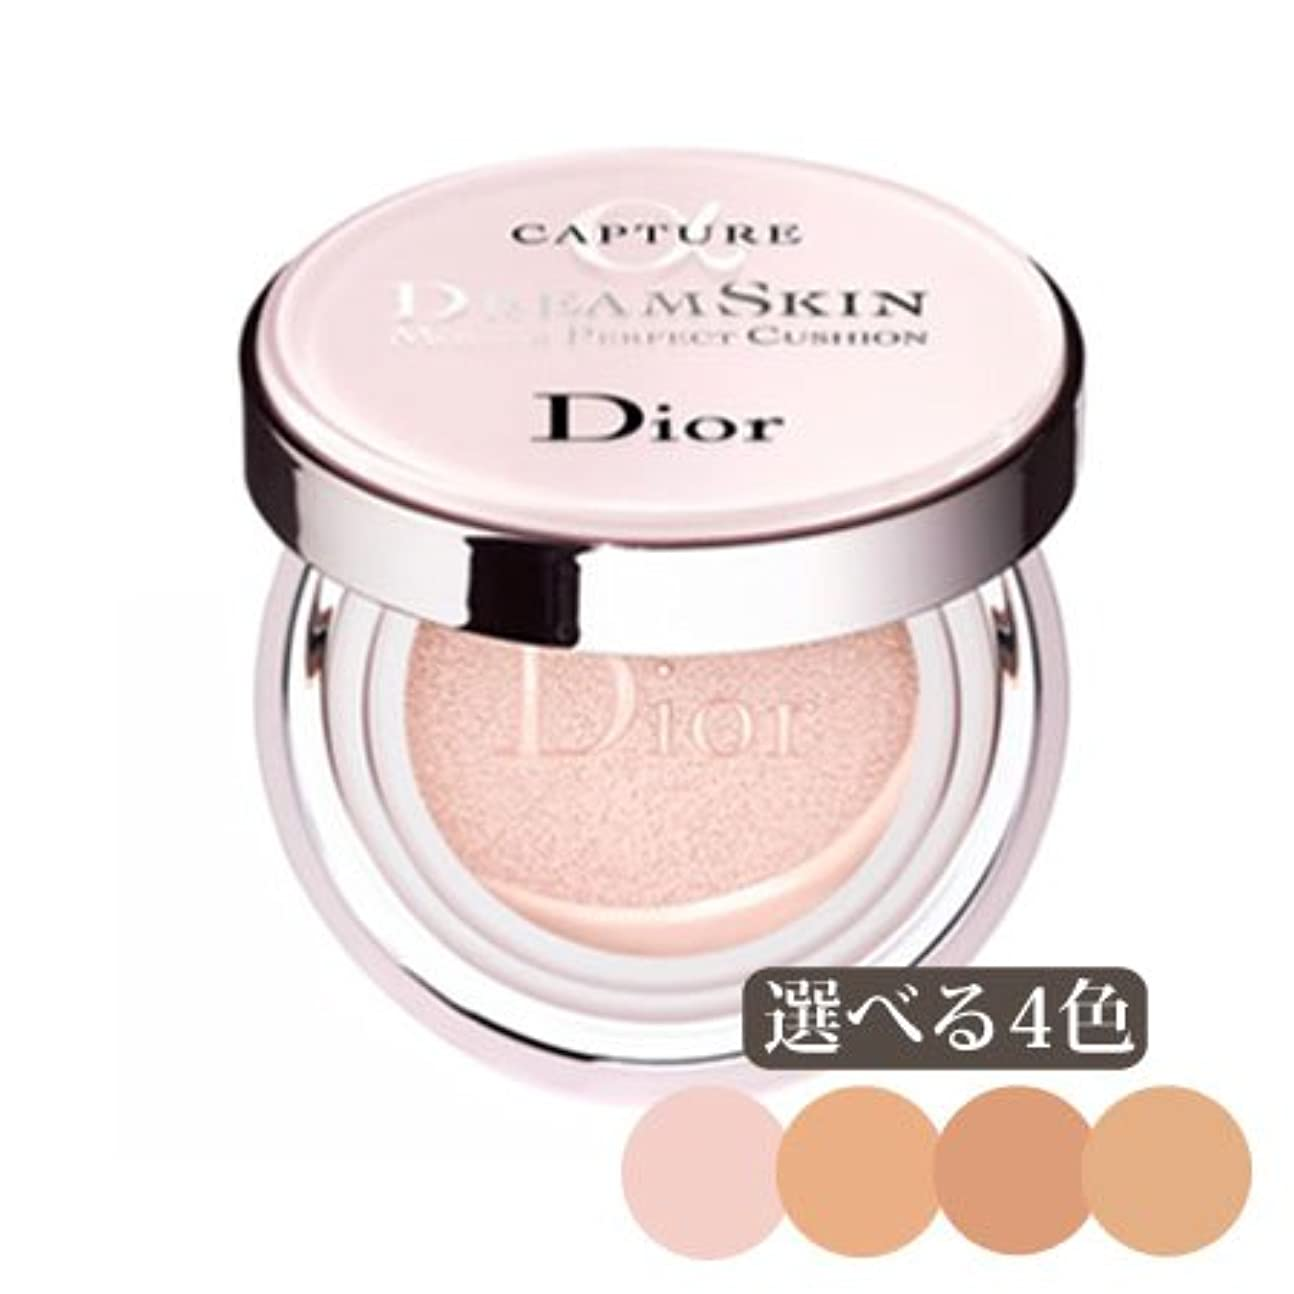 アンペア温室抜け目がないディオール カプチュール ドリームスキン モイスト クッション 選べる4色 -Dior- 012